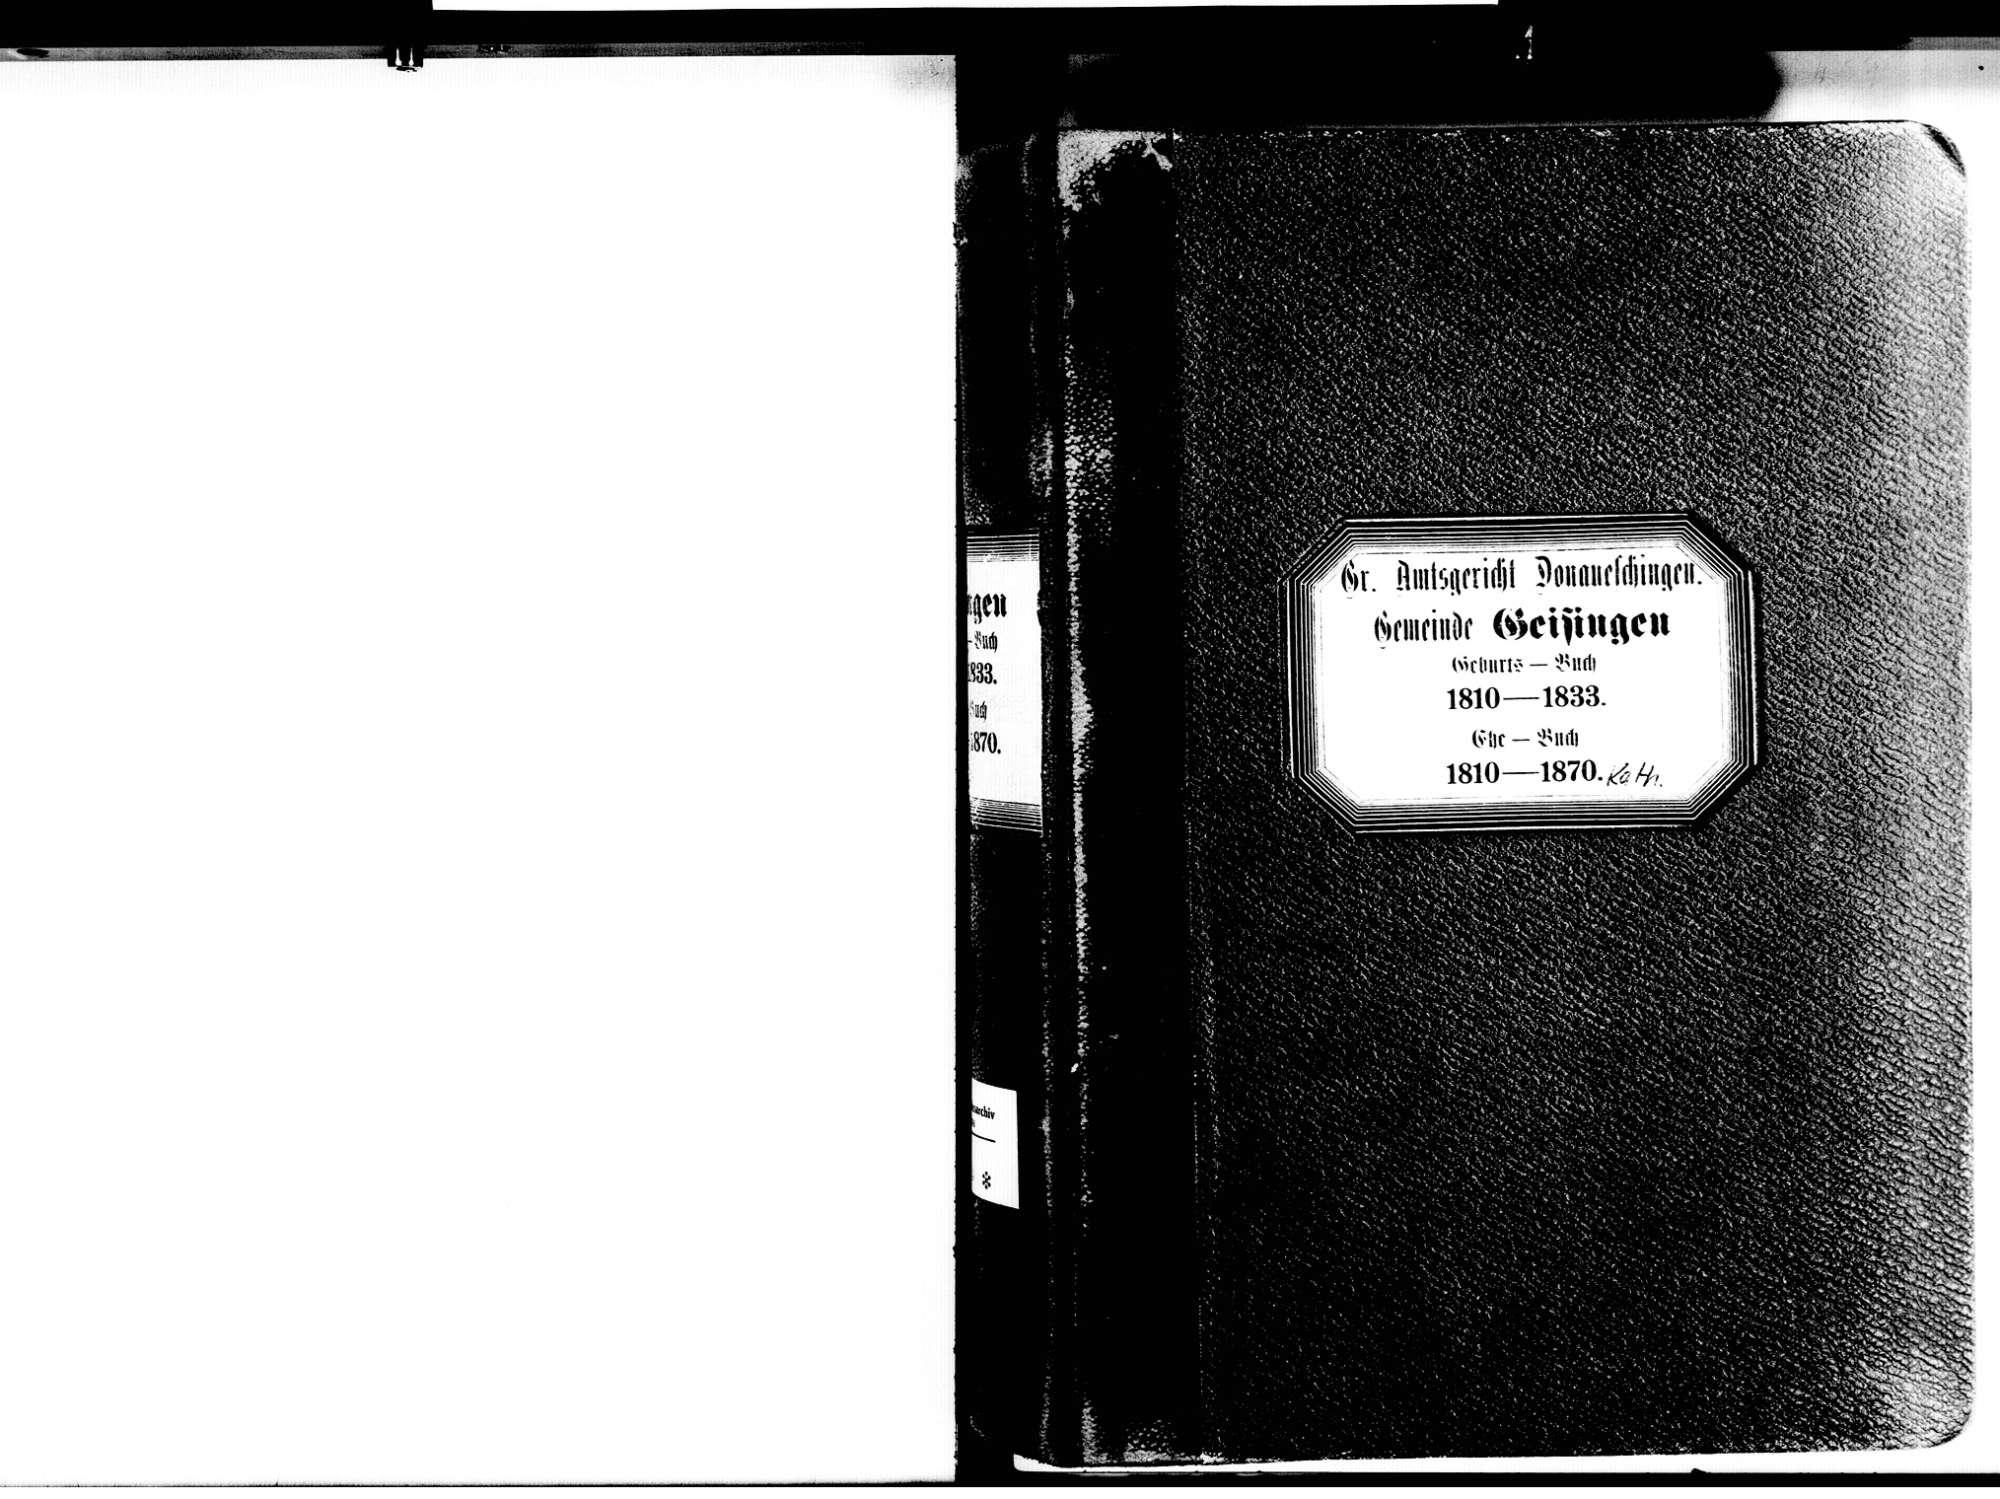 Geisingen TUT; Katholische Gemeinde: Geburtenbuch 1810-1833 Geisingen TUT; Katholische Gemeinde: Heiratsbuch 1810-1870, Bild 3